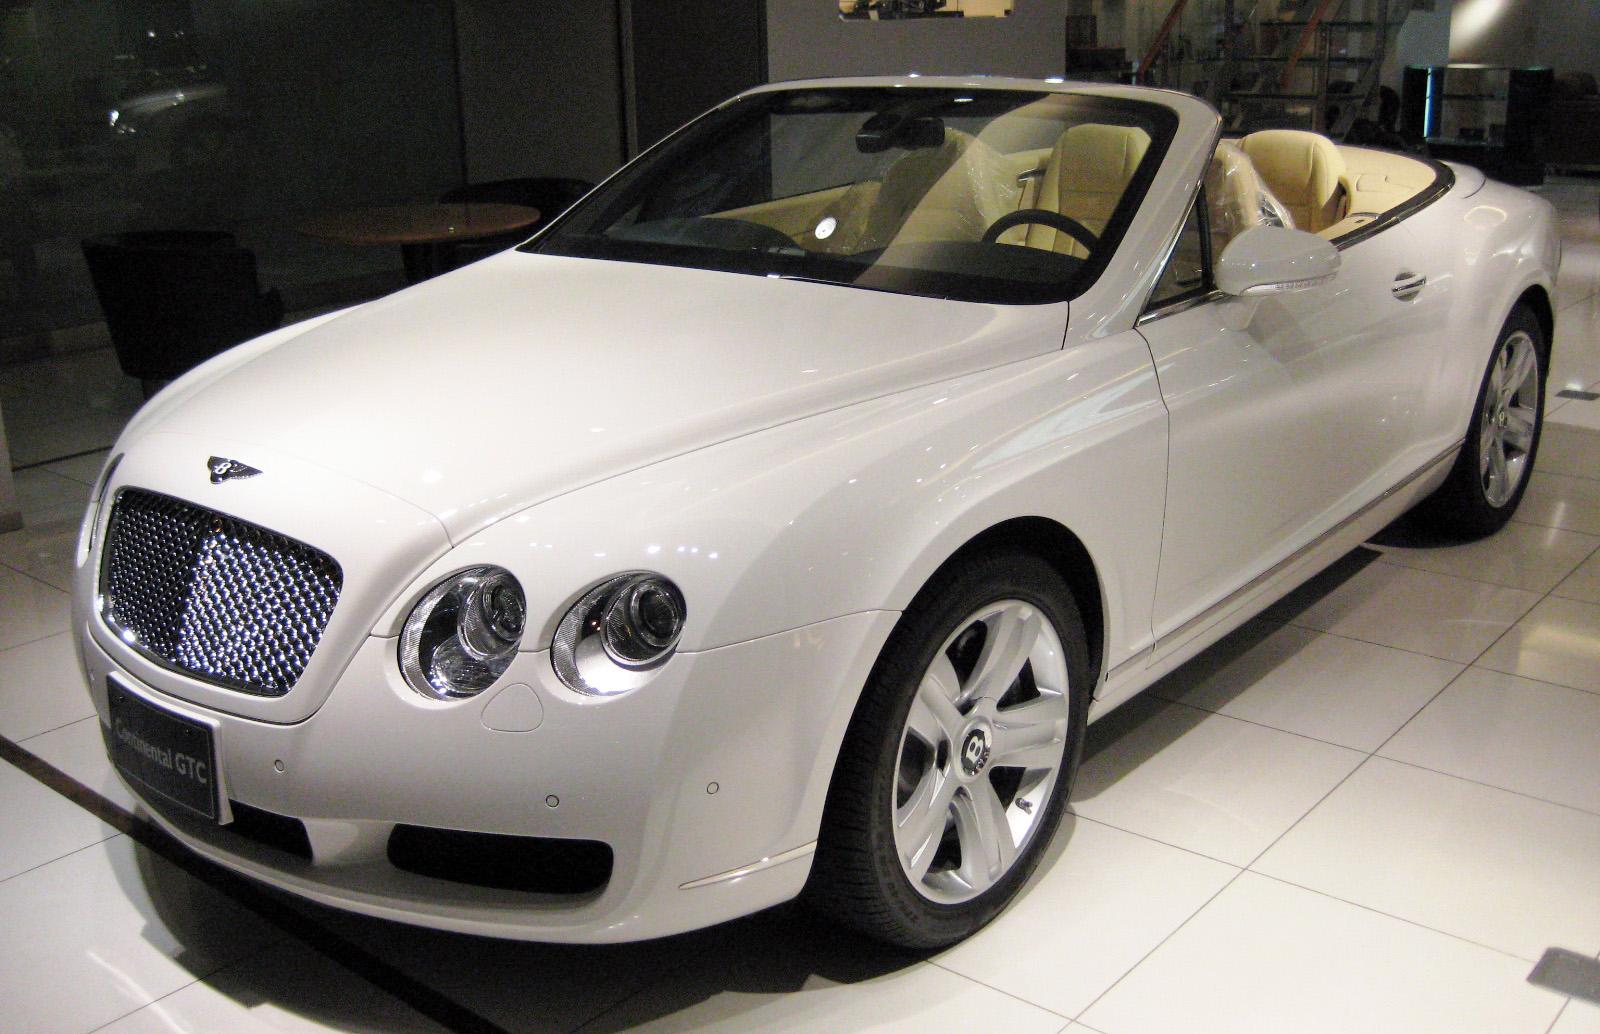 Gareth Bale opta por un modelo con aroma clásico, un Mini Bentley Continental inspirado en los Bentley de competición de los años 20